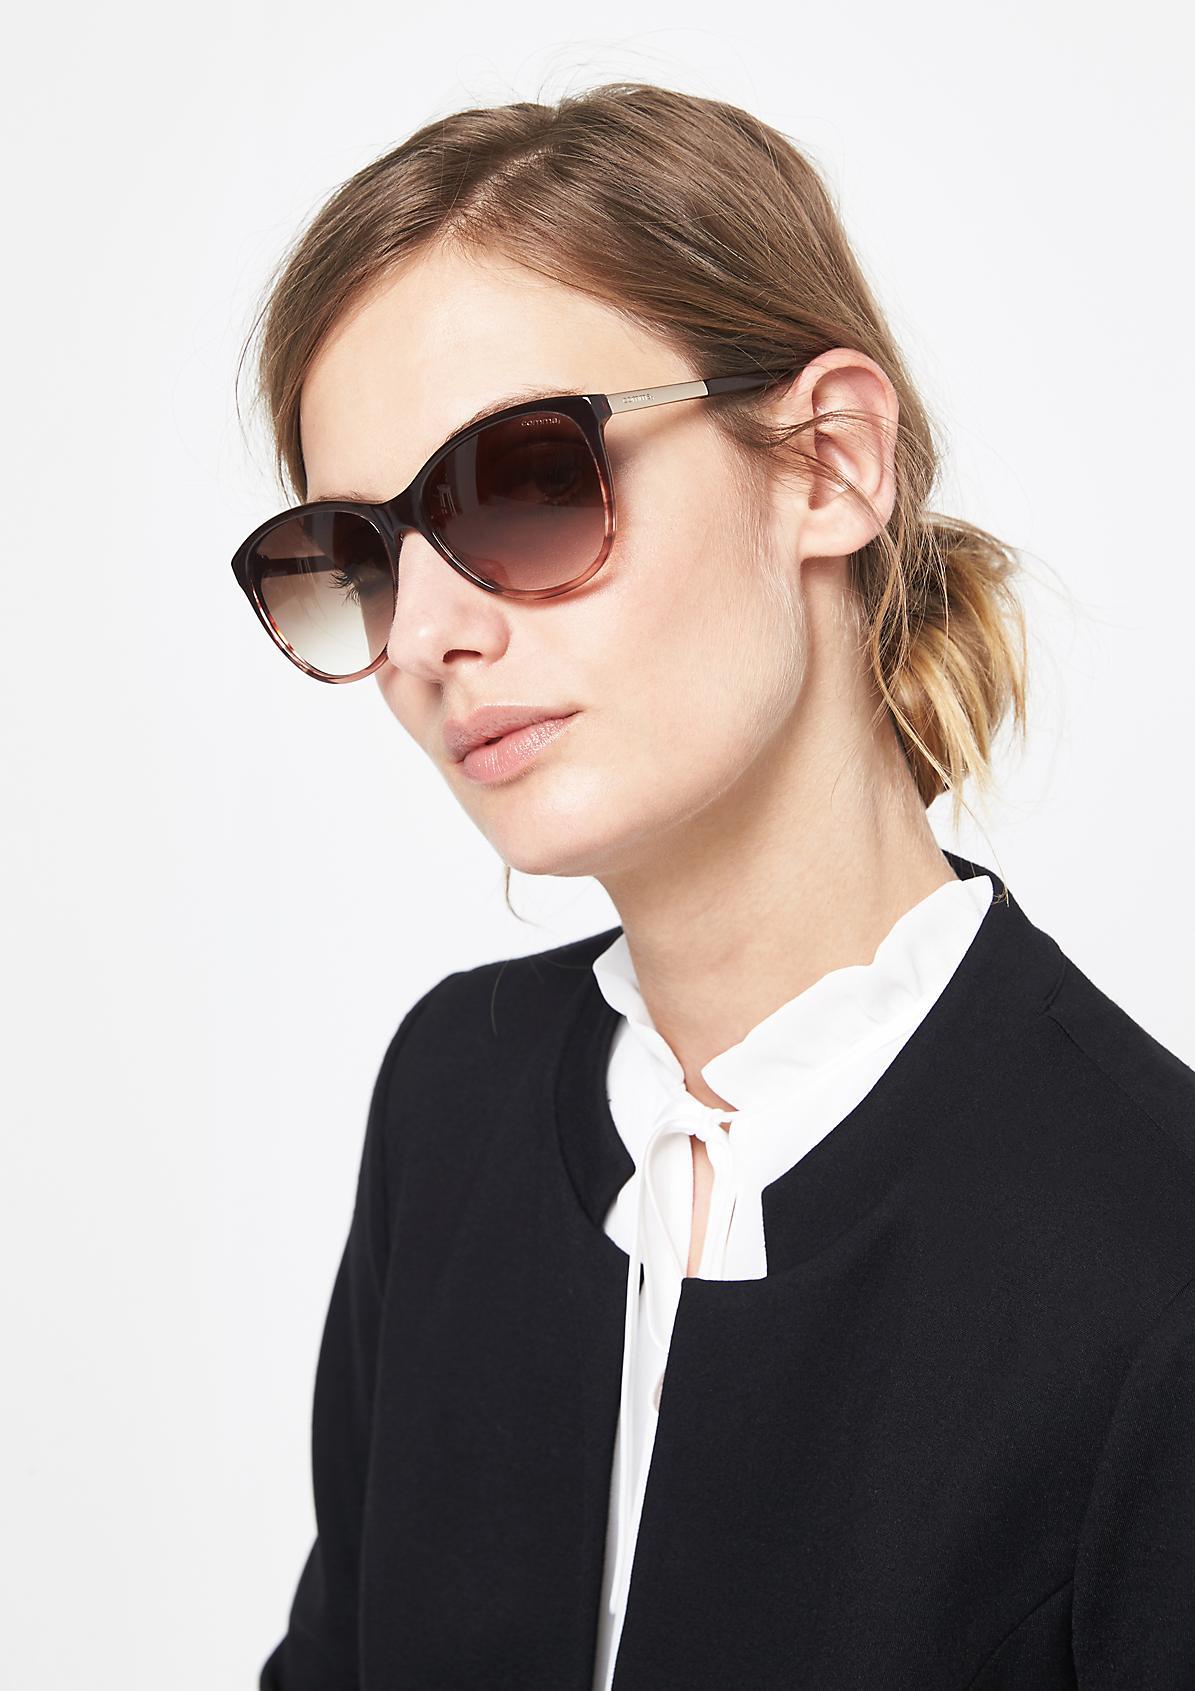 Sportliche Sonnenbrille mit schmalem Augenrand